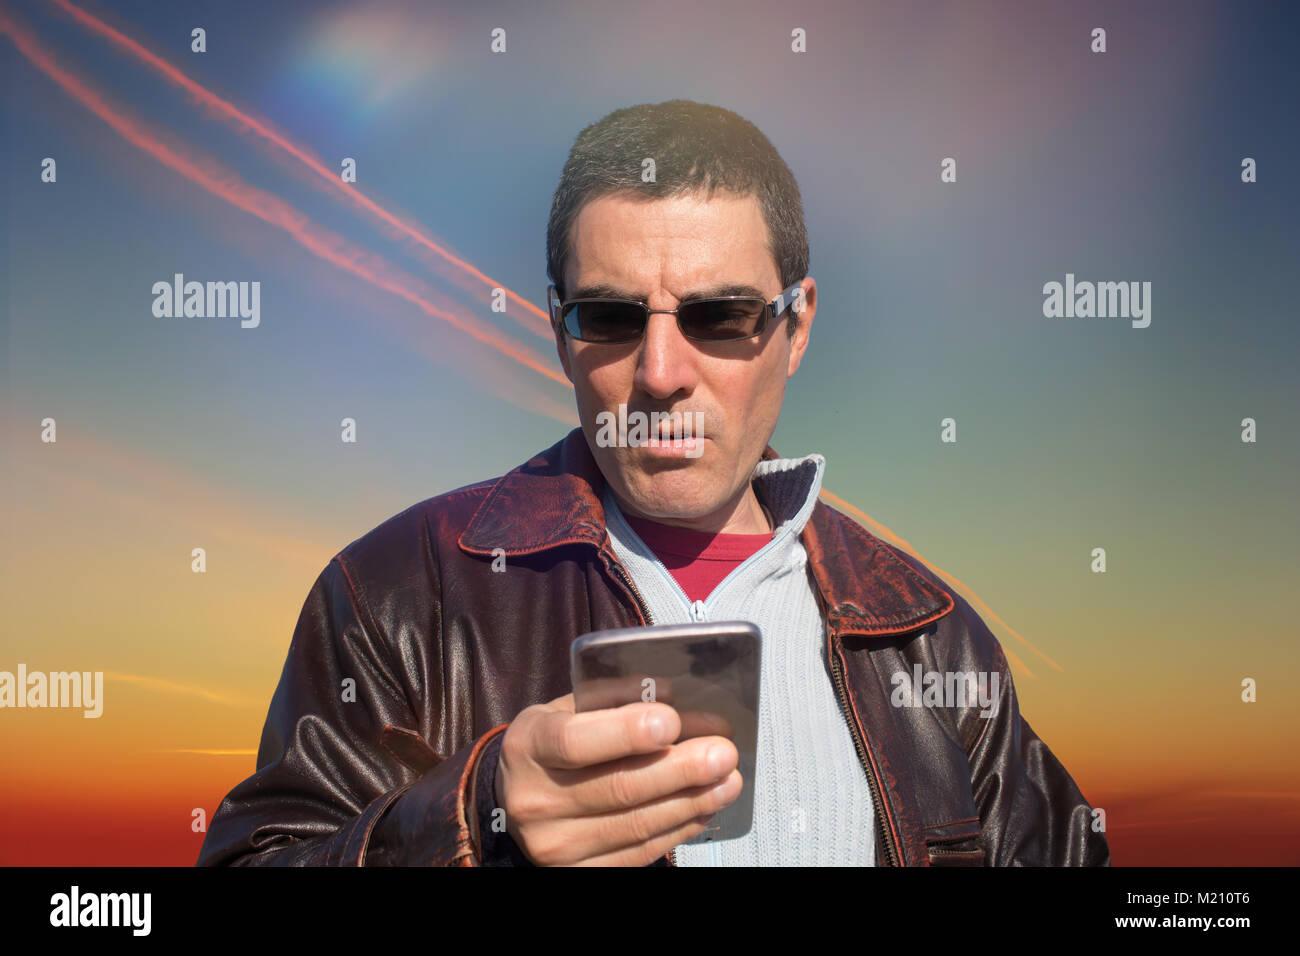 Di mezza età uomo caucasico, vestiti casual, la lettura di un messaggio appena ricevuto sul suo smartphone. Vita Foto Stock